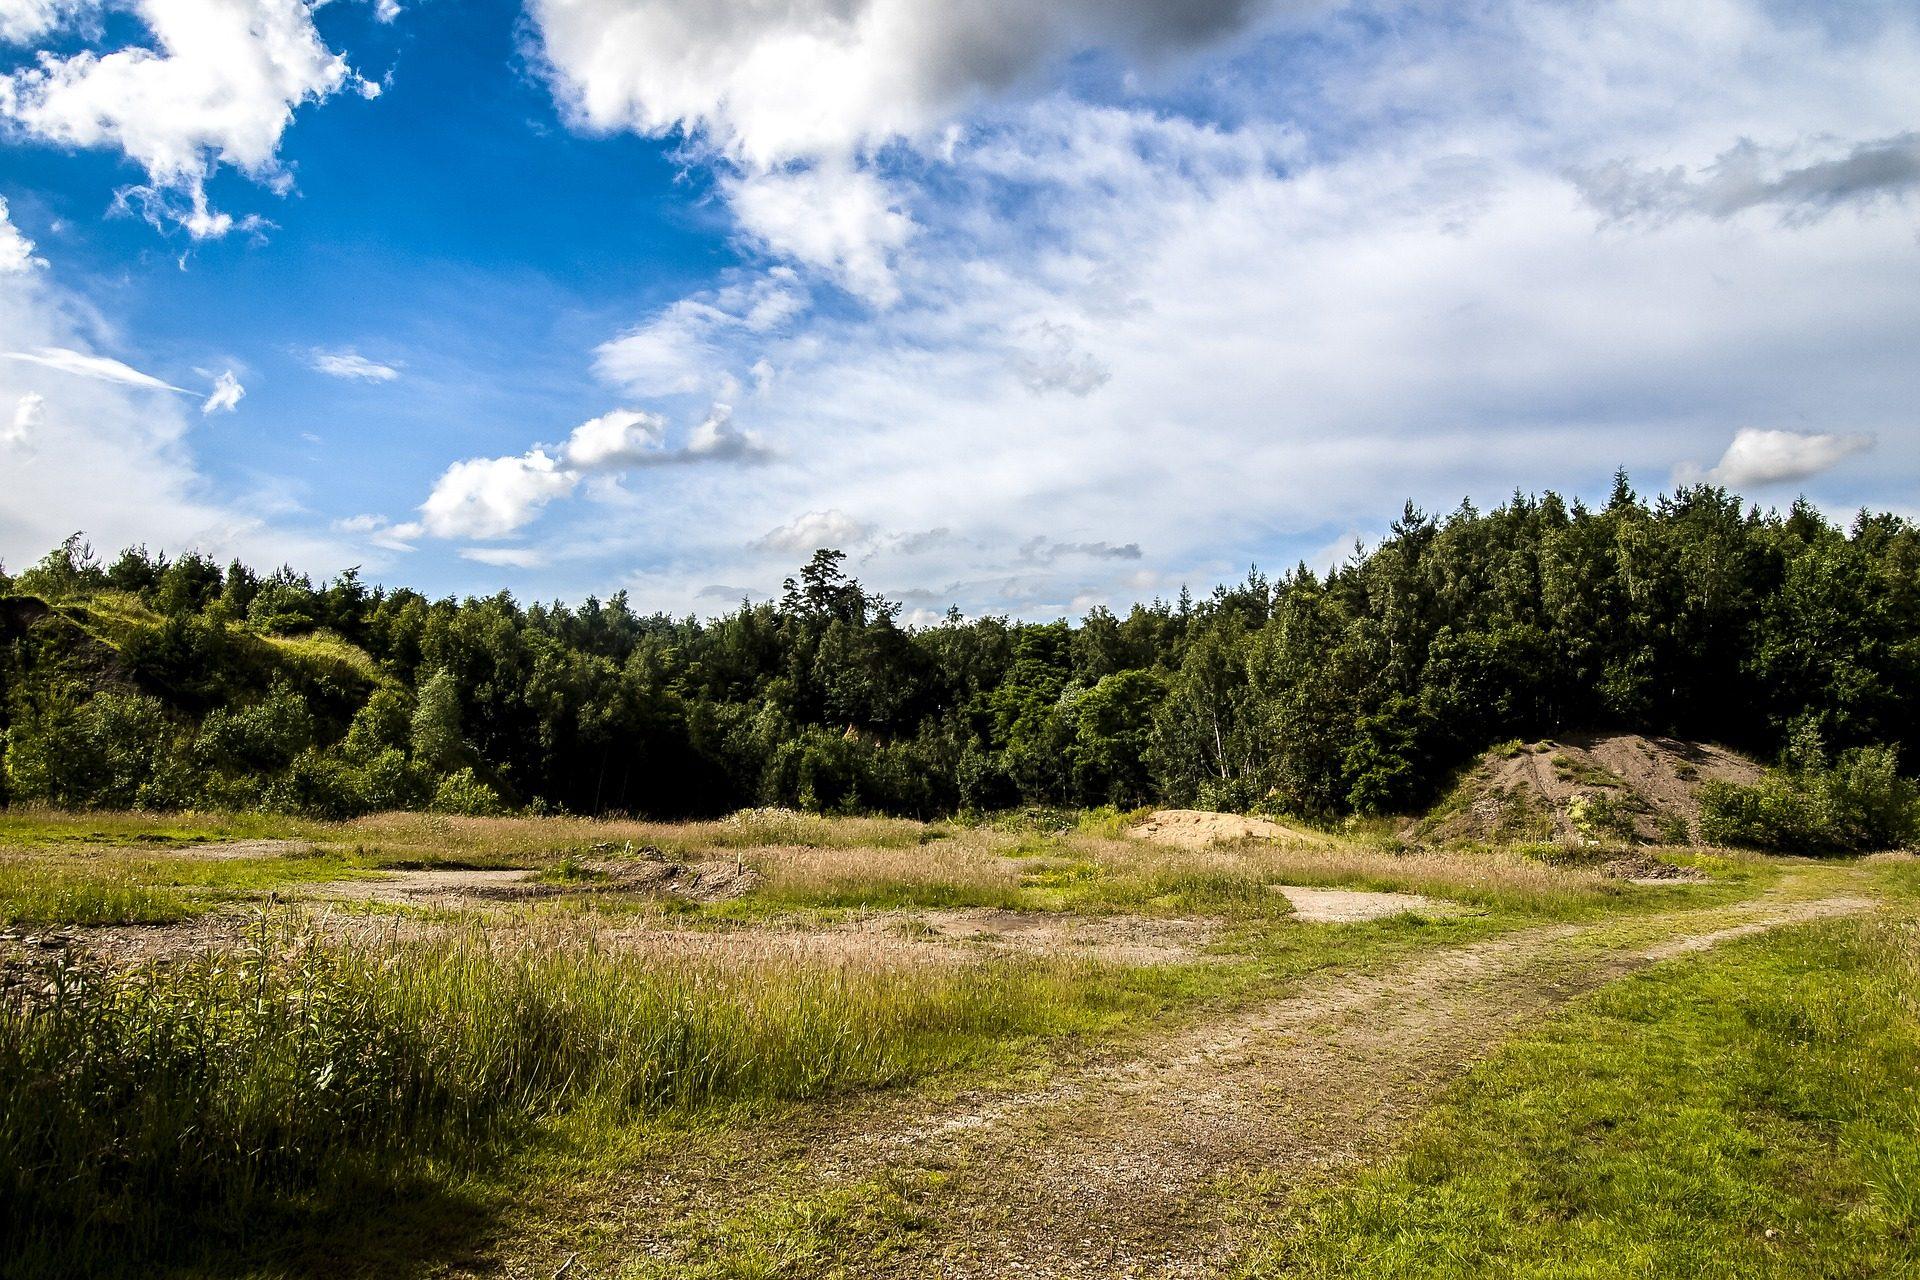 поле, ПРАДО, лес, деревья, газон, Небо, облака - Обои HD - Профессор falken.com